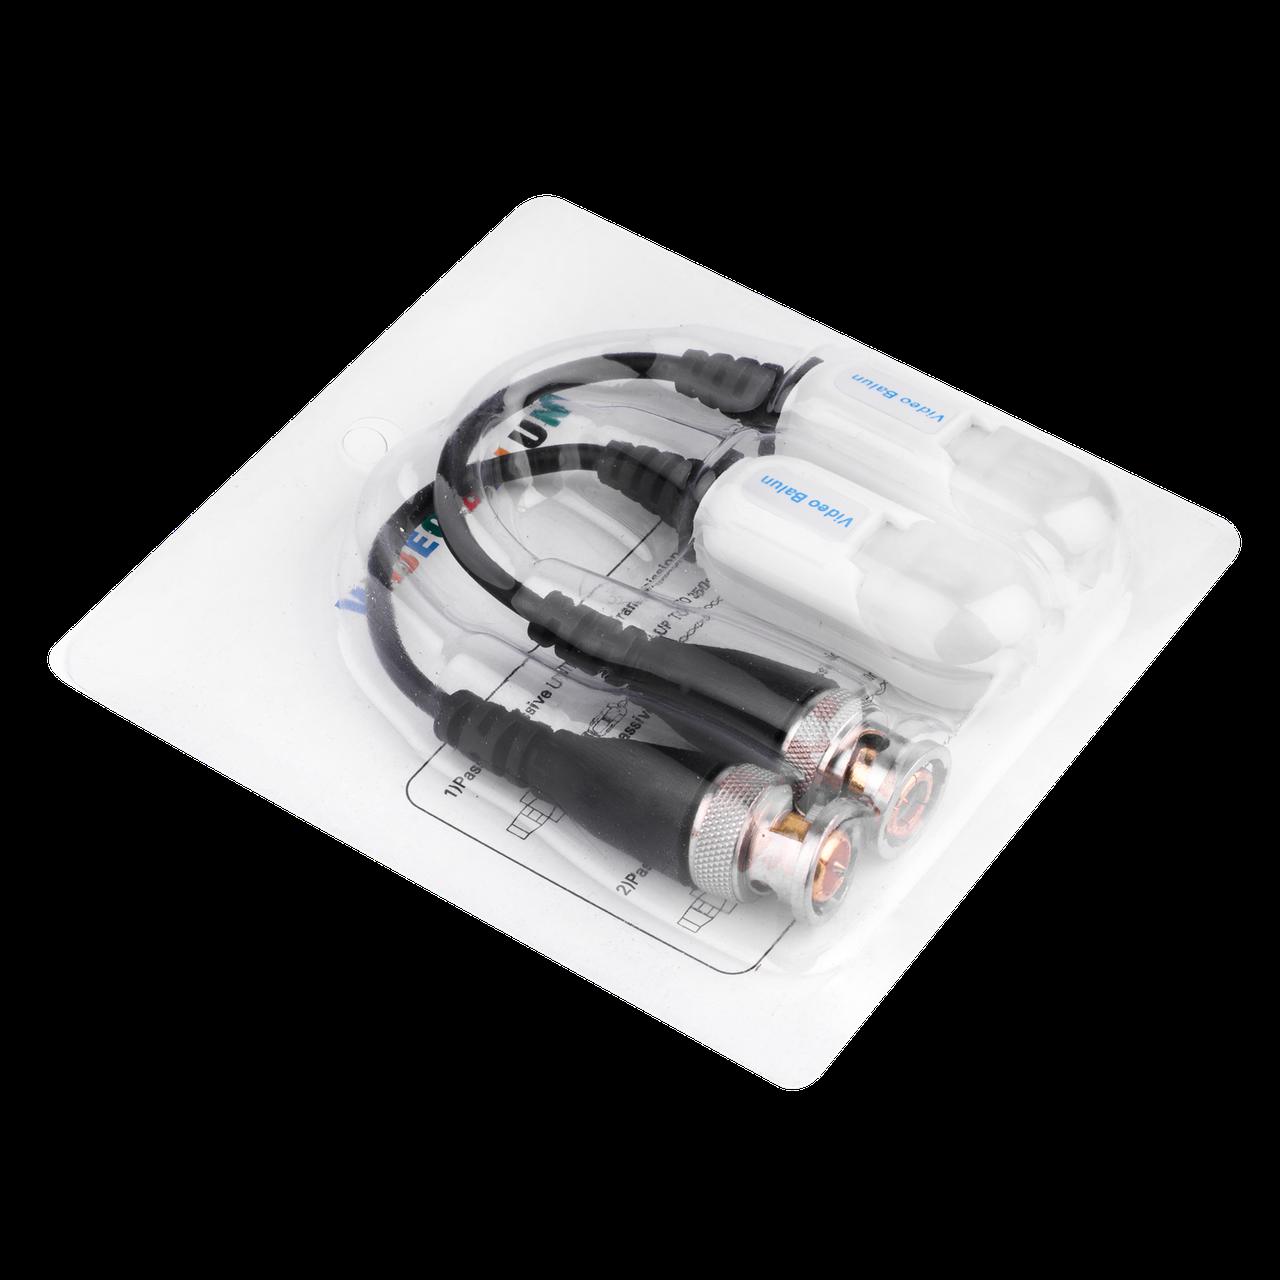 1-канальный пасcивный приемник/передатчик видеосигнала Green Vision GV-01P-01